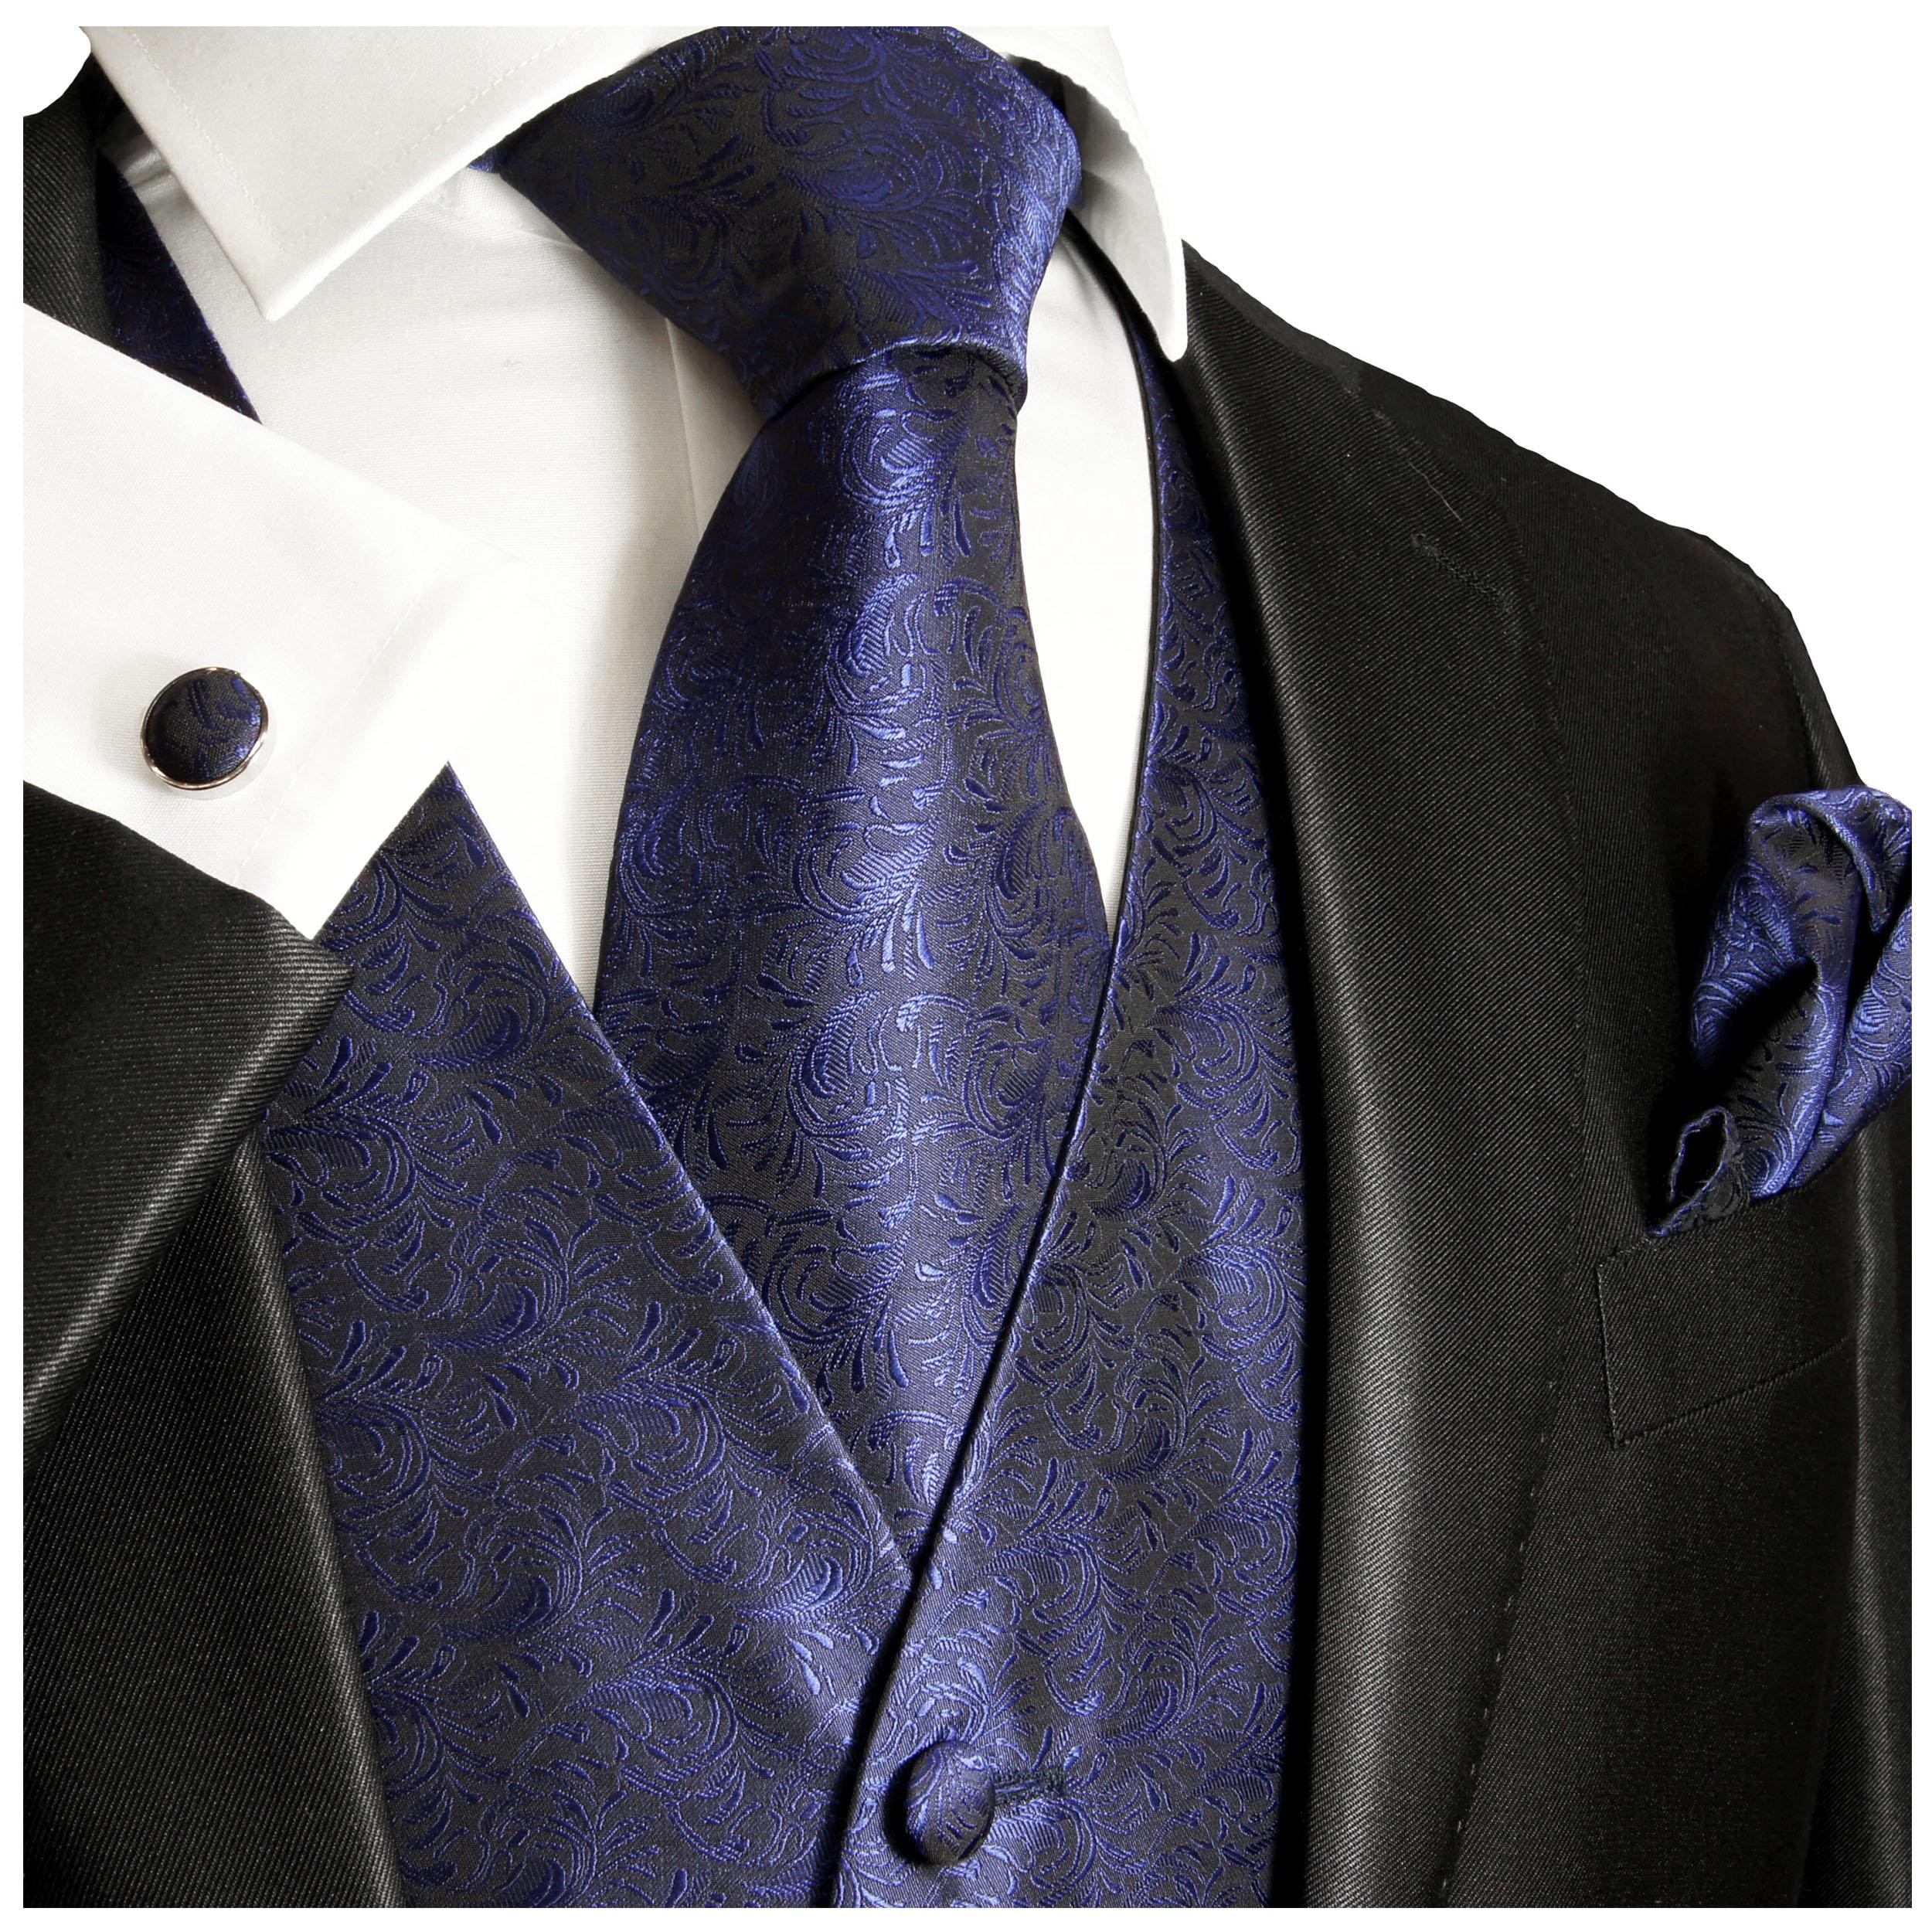 Hochzeitsweste blau   jetzt bestellen Paul Malone Shop